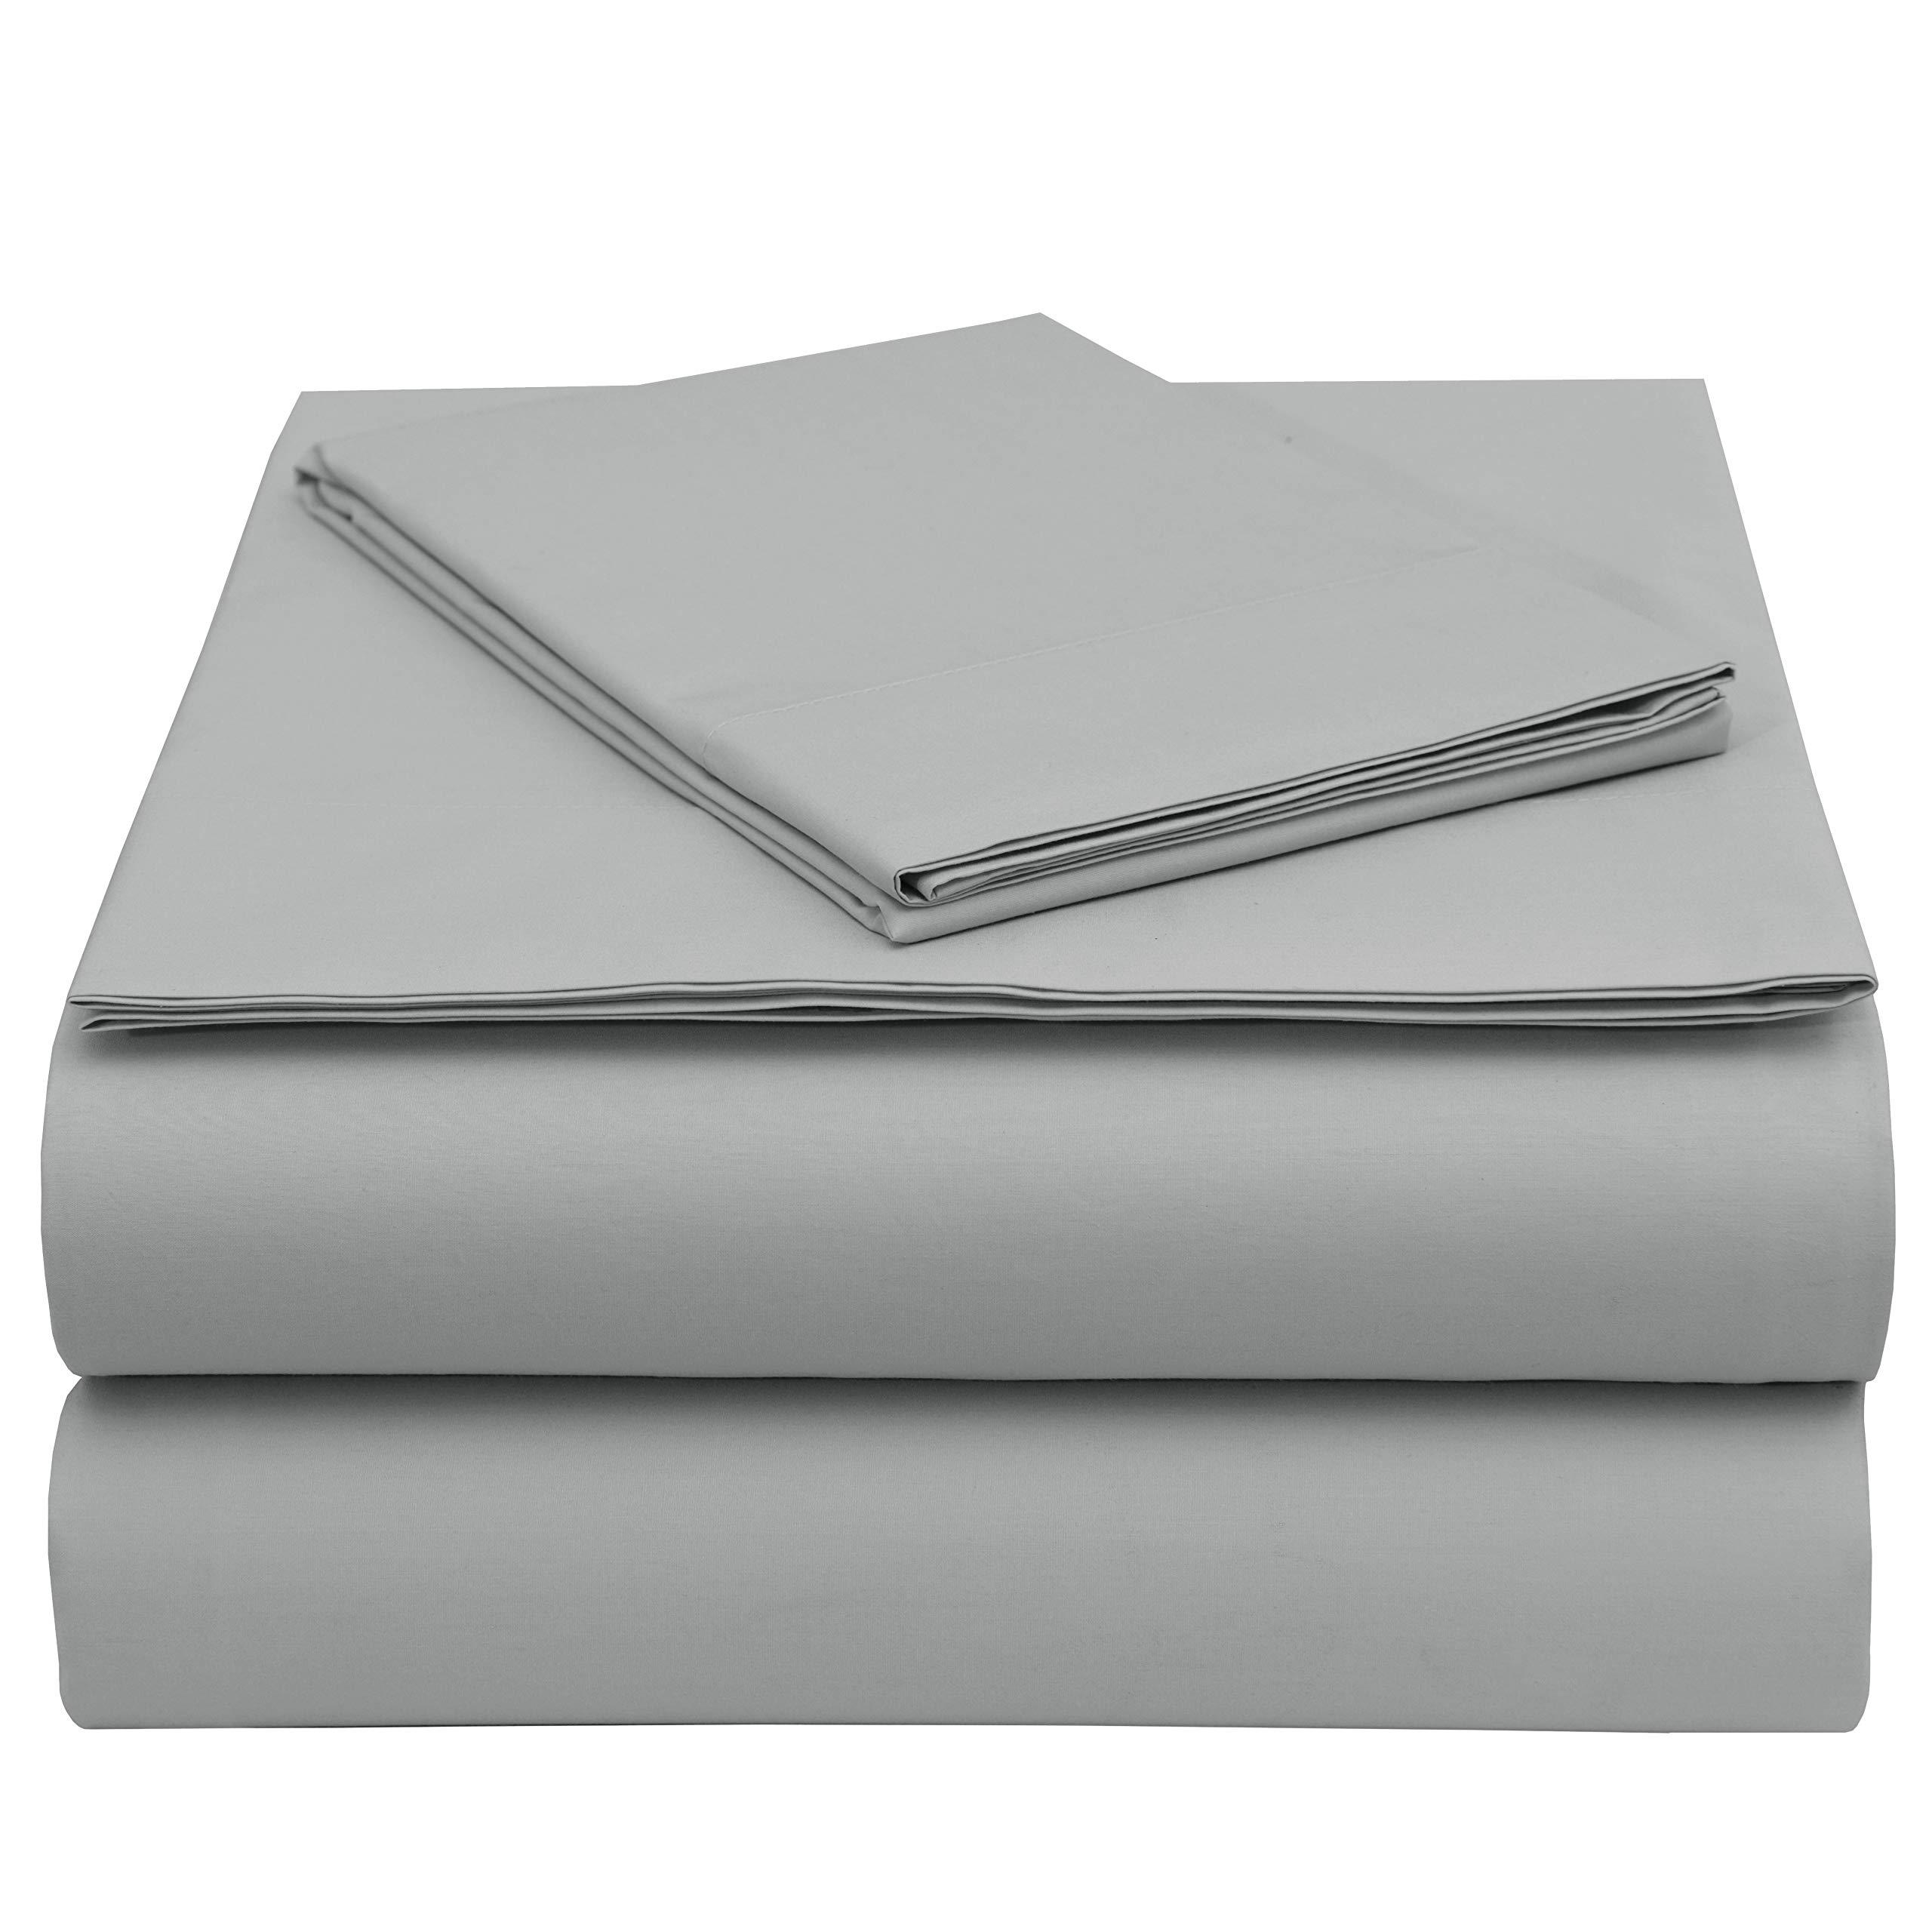 EnvioHome GOTS Certified Organic Cotton Sheet Set - 3 Piece - Twin, Silver